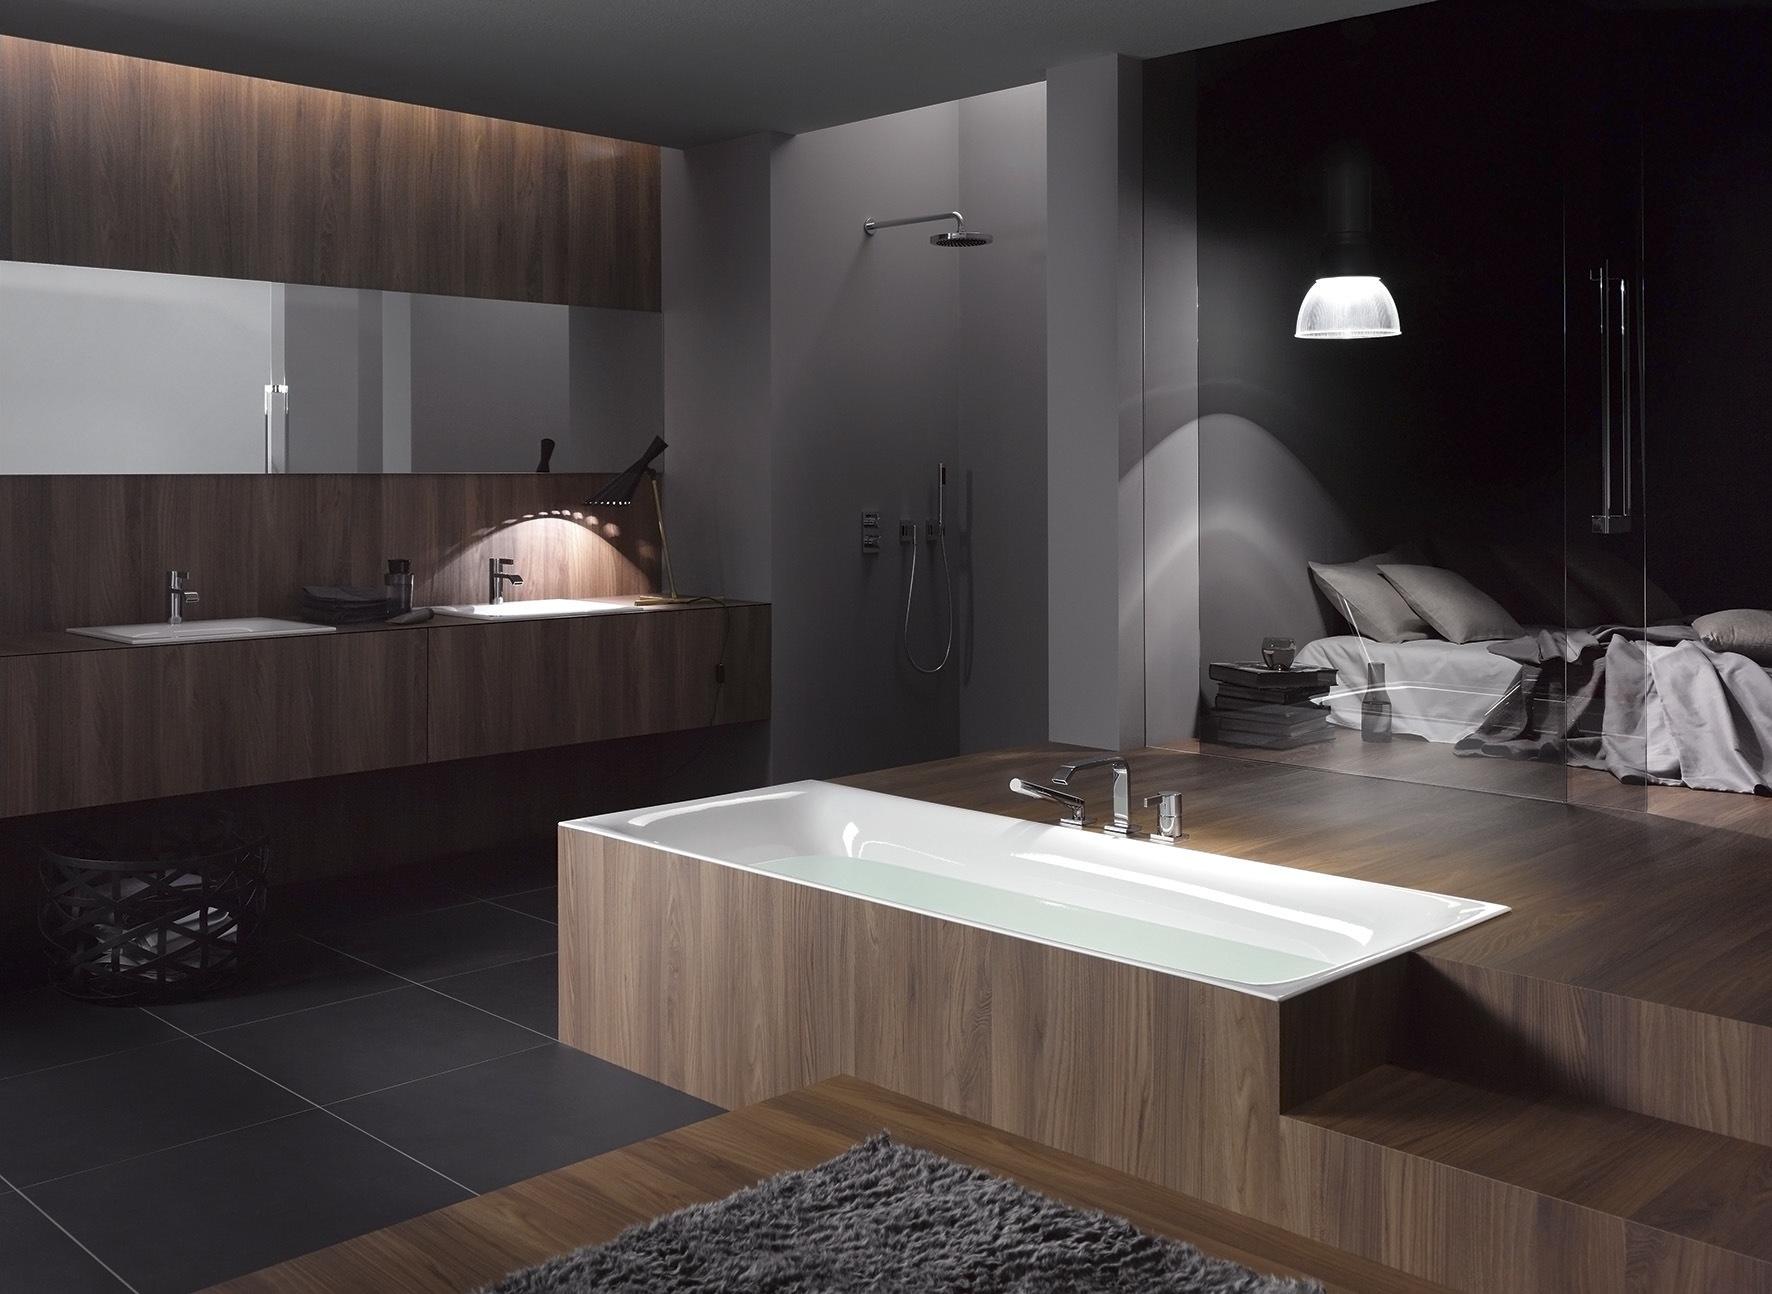 Luxe Slaapkamer Met Badkamer : Interieurtrend badkamer en slaapkamer ...